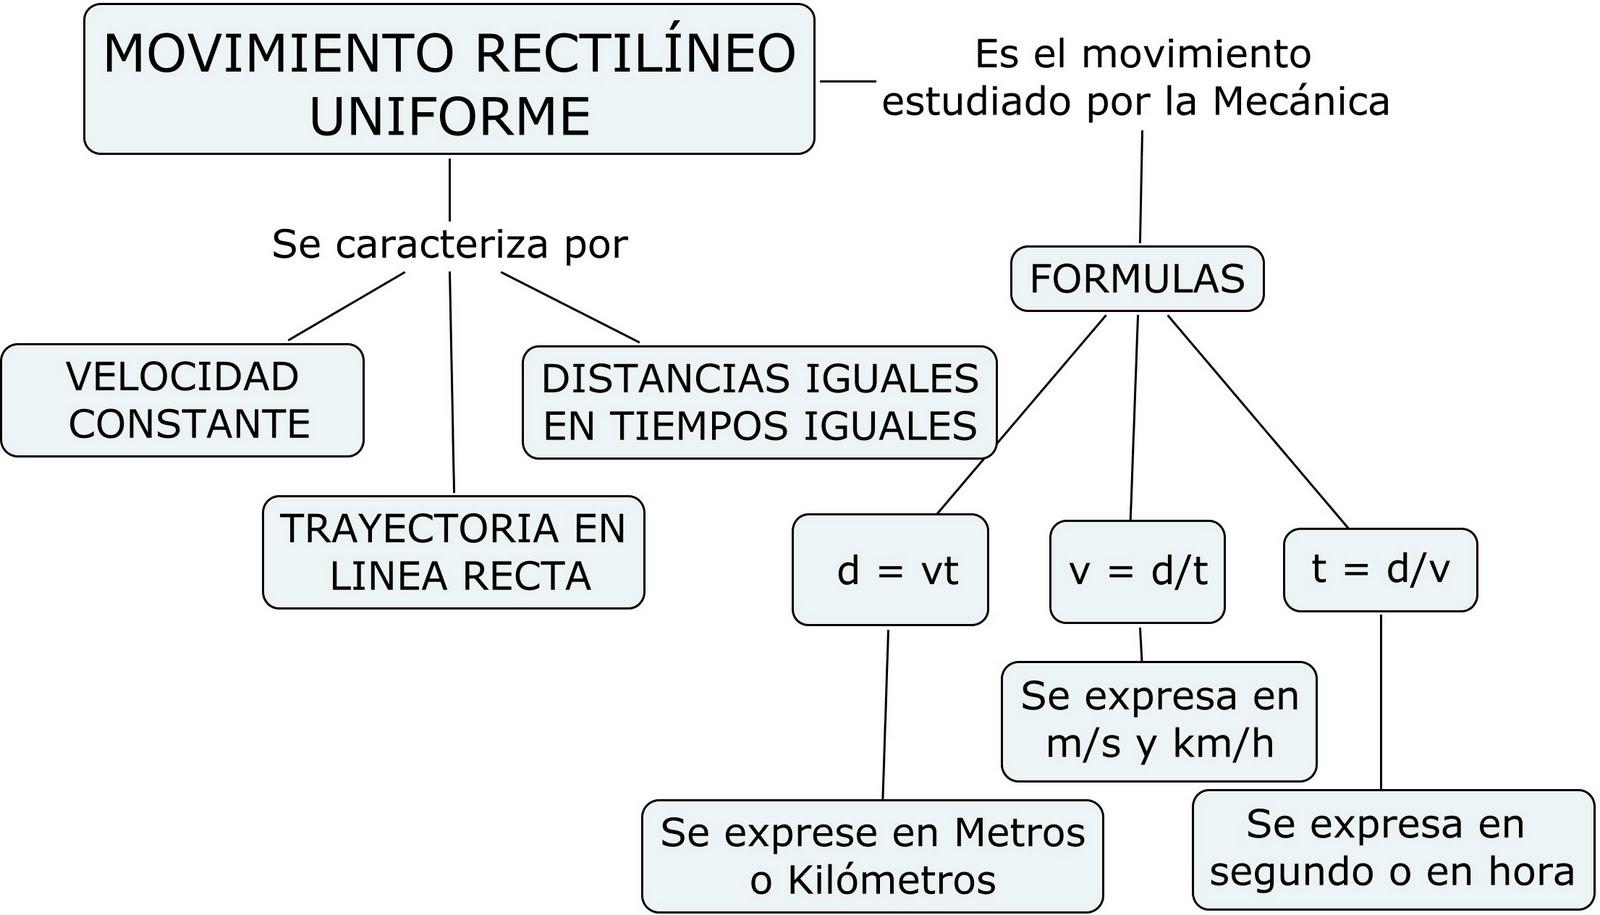 Cienciasmateupgch: MAPA DE EL MOVIMIENTO RECTILINEO UNIFORME (MRU)